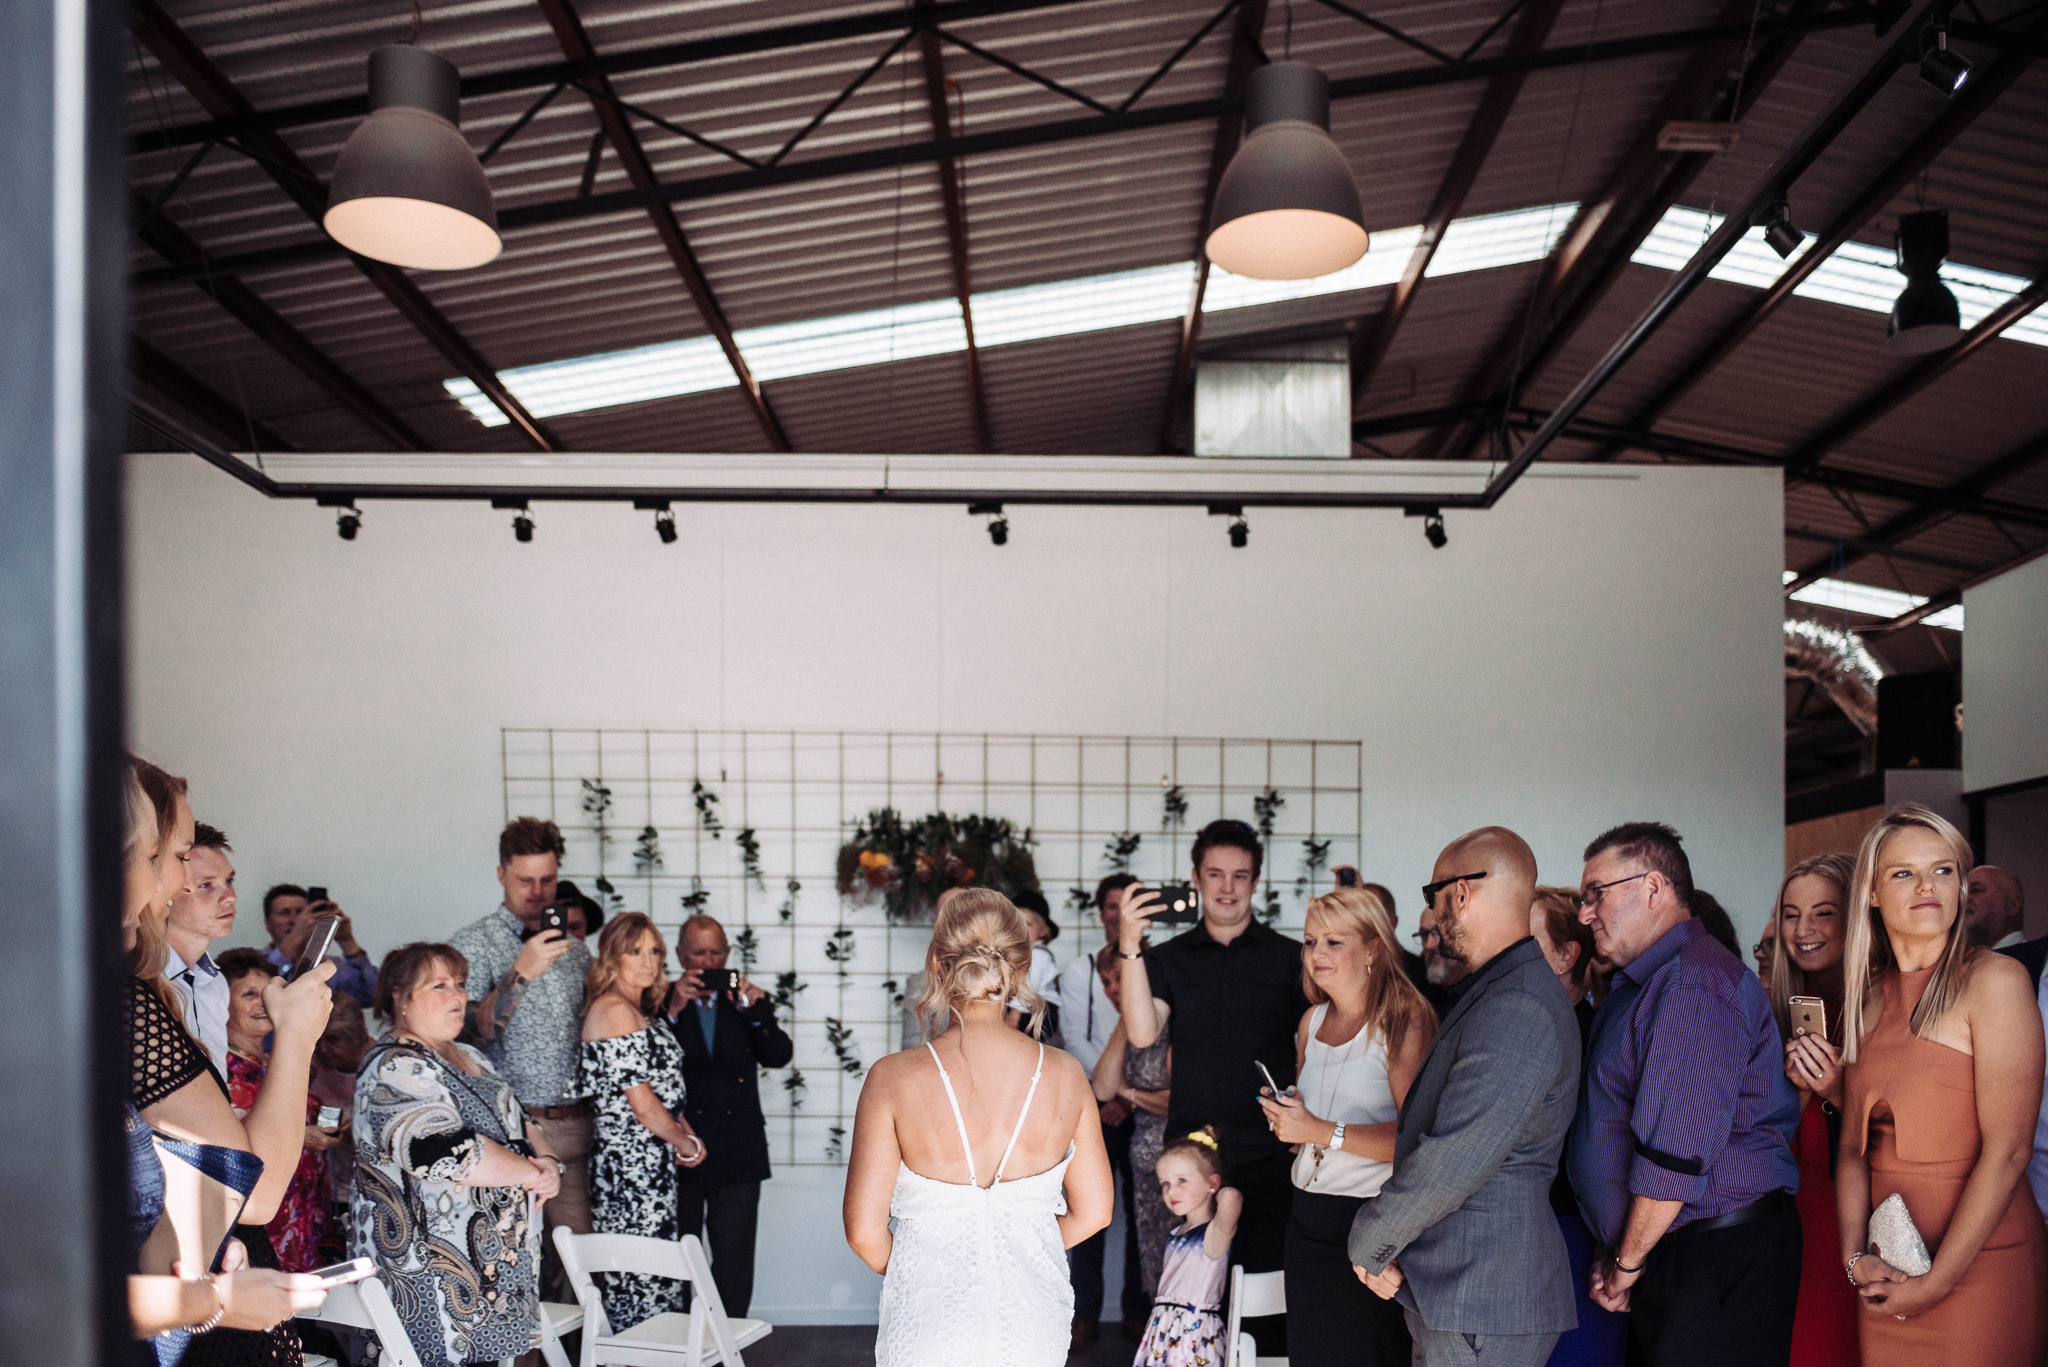 Warehouse vibes at Ian and Shara's wedding at The Nook. Image credit:  Anitra Wells Photography .